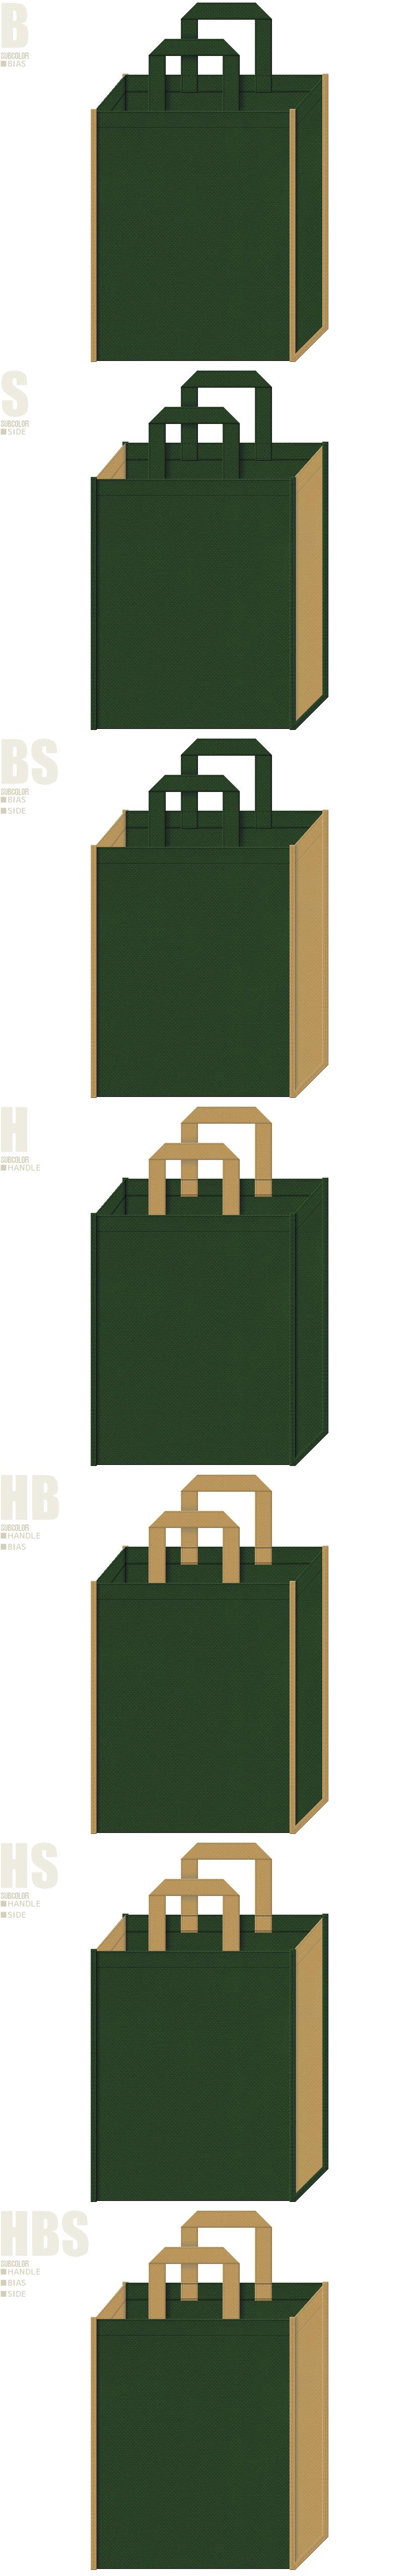 濃緑色と金色系黄土色、7パターンの不織布トートバッグ配色デザイン例。アウトドア・キャンプ用品の展示会用バッグにお奨めです。